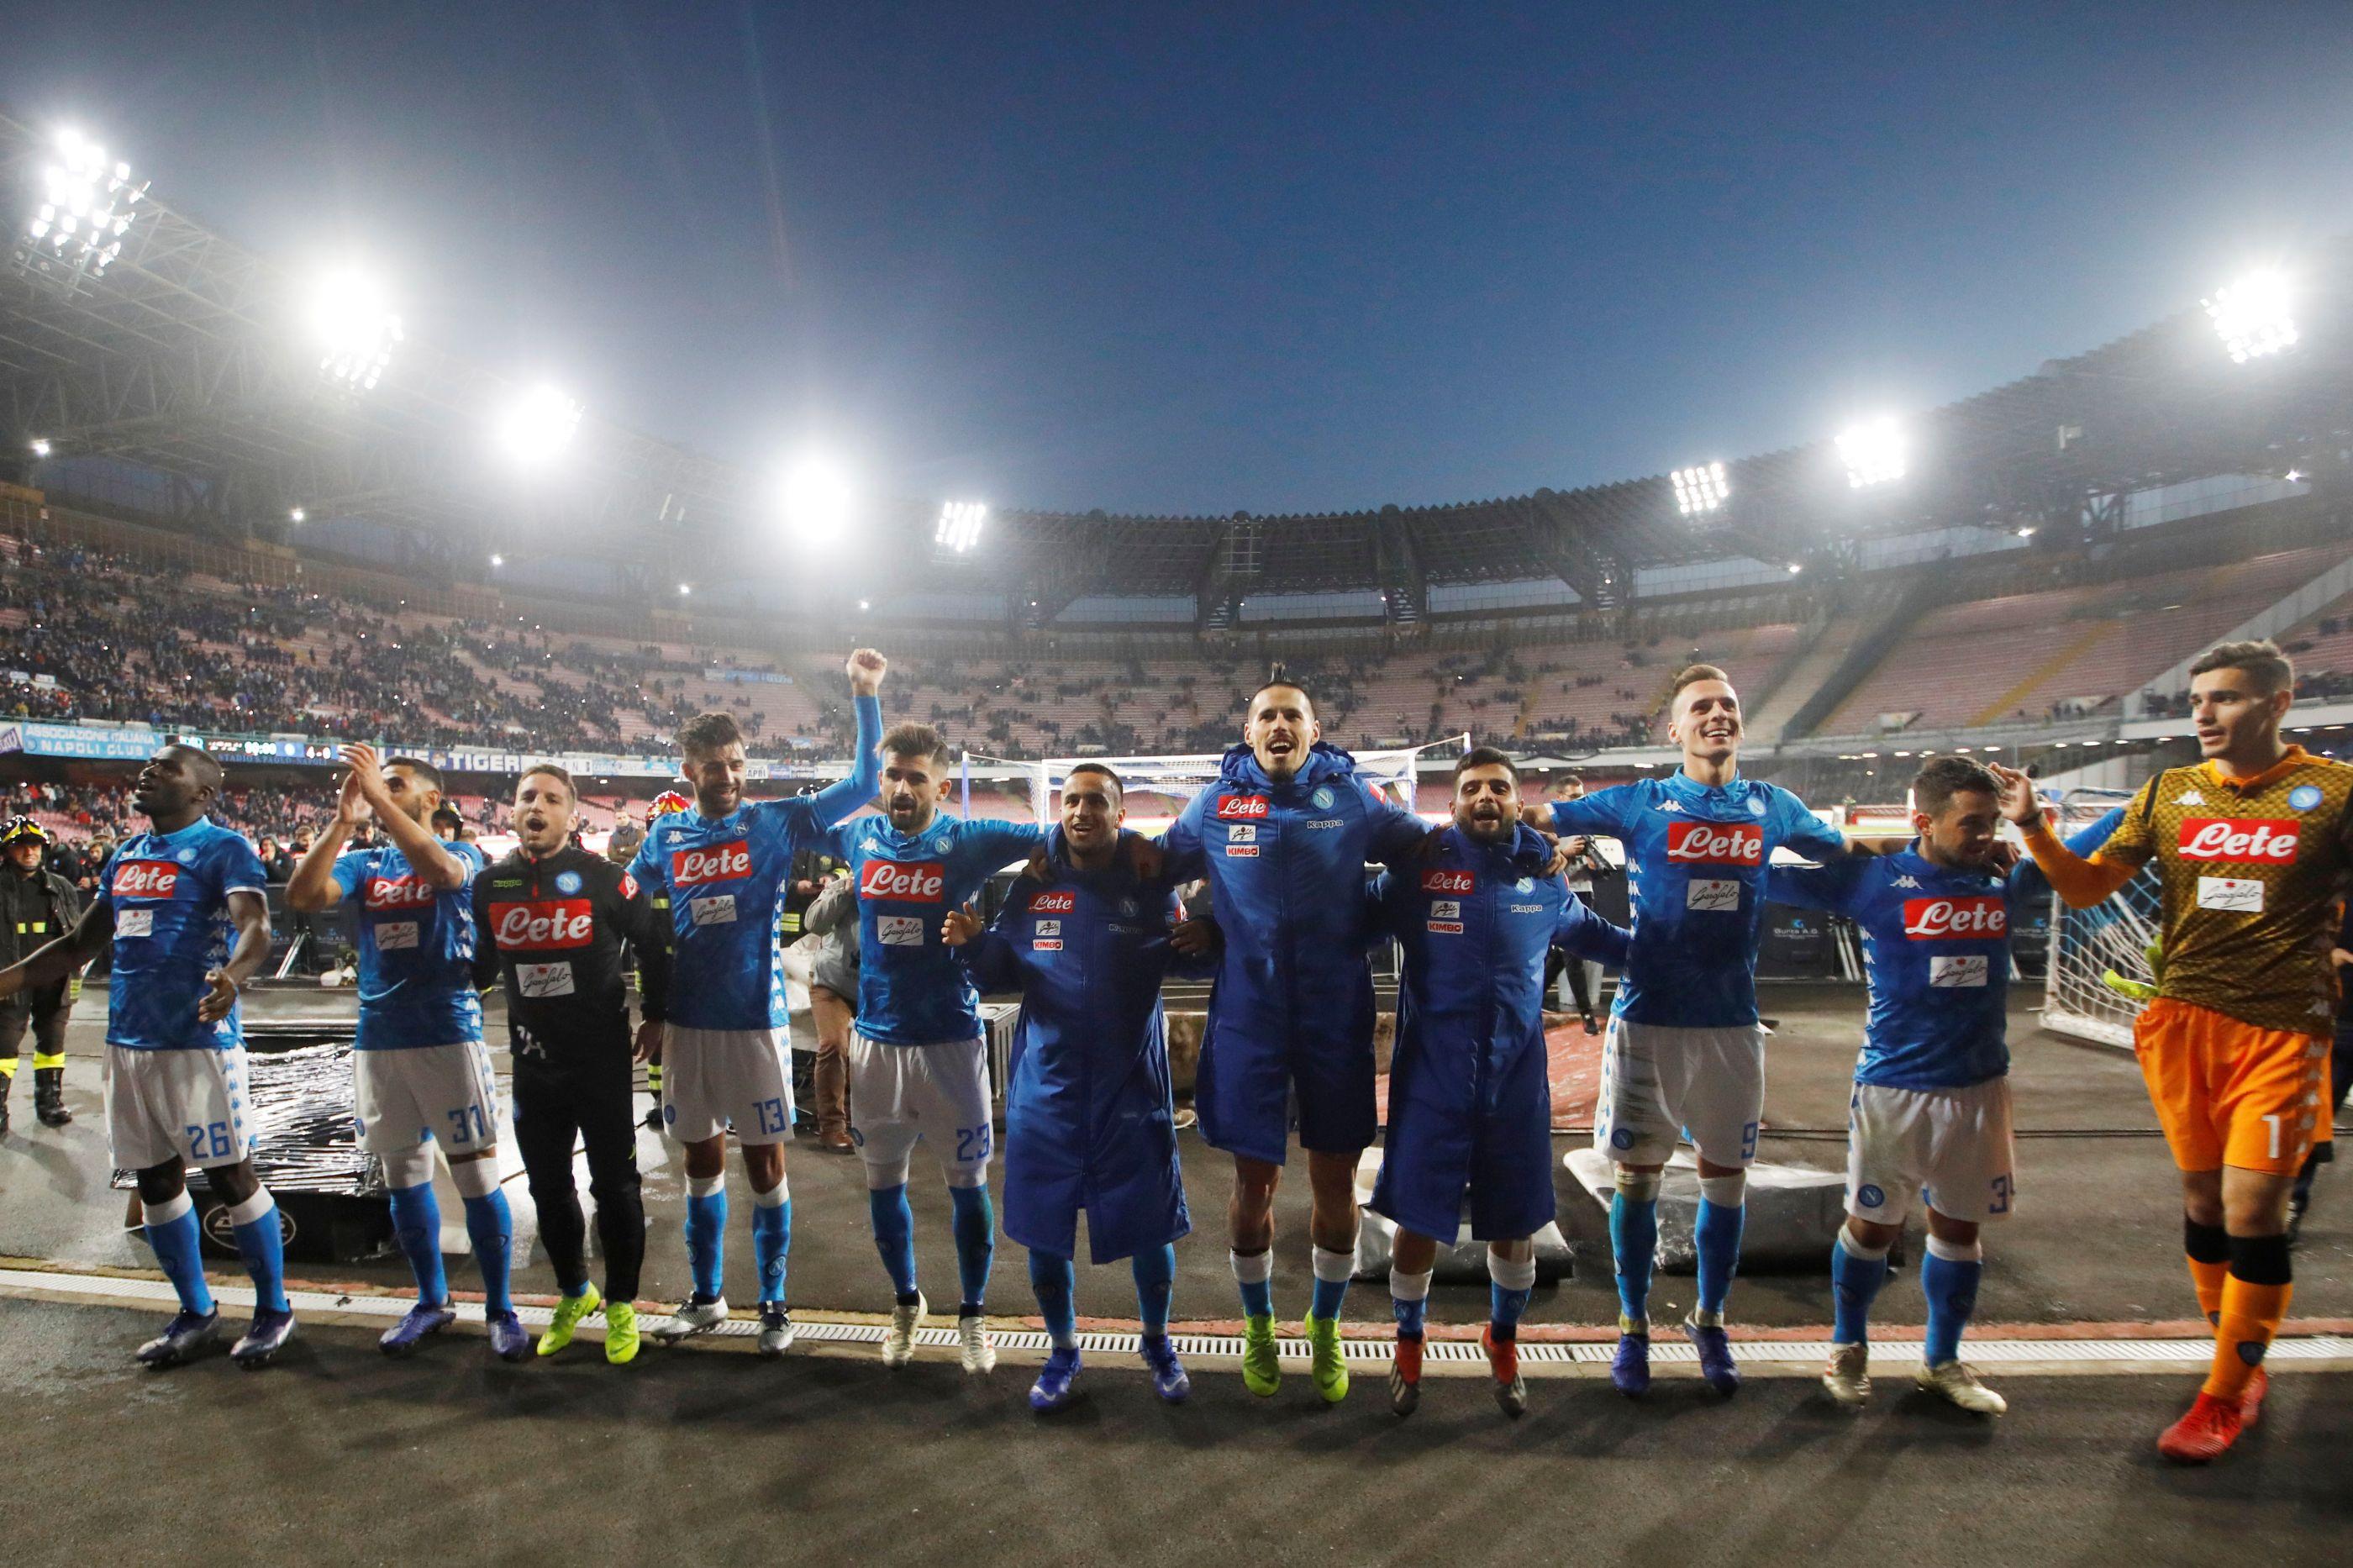 Nápoles goleia Frosinone e continua a oito pontos da líder Juventus